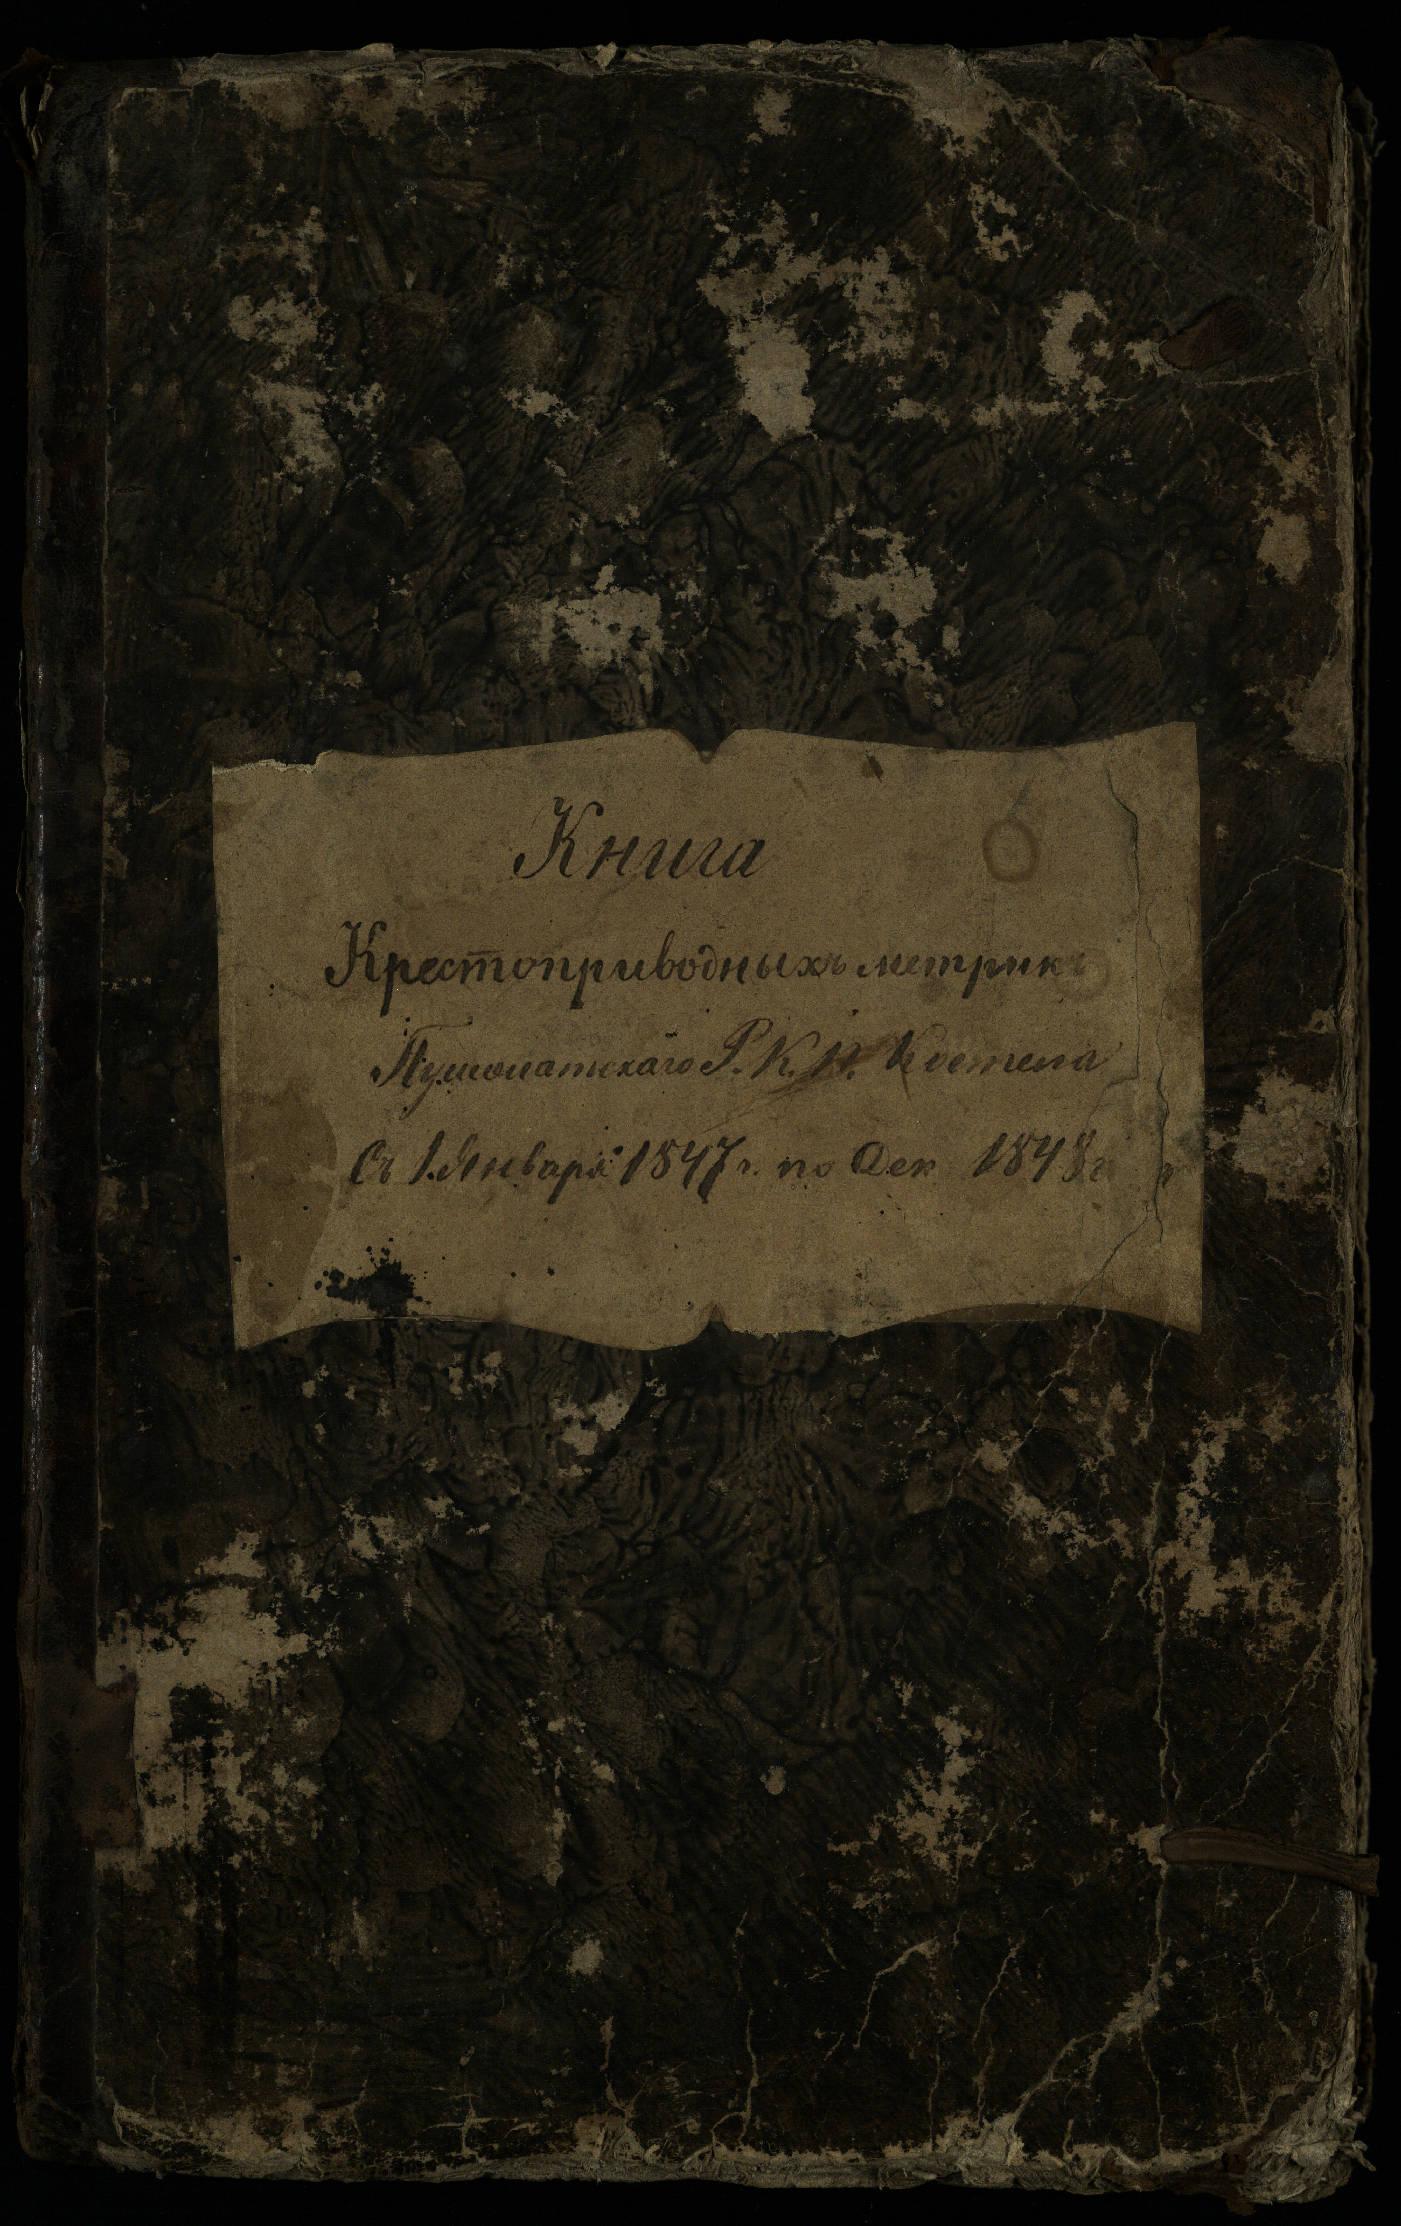 Pušaloto Romos katalikų parapijos bažnyčios 1847–1848 metų krikšto metrikų knyga